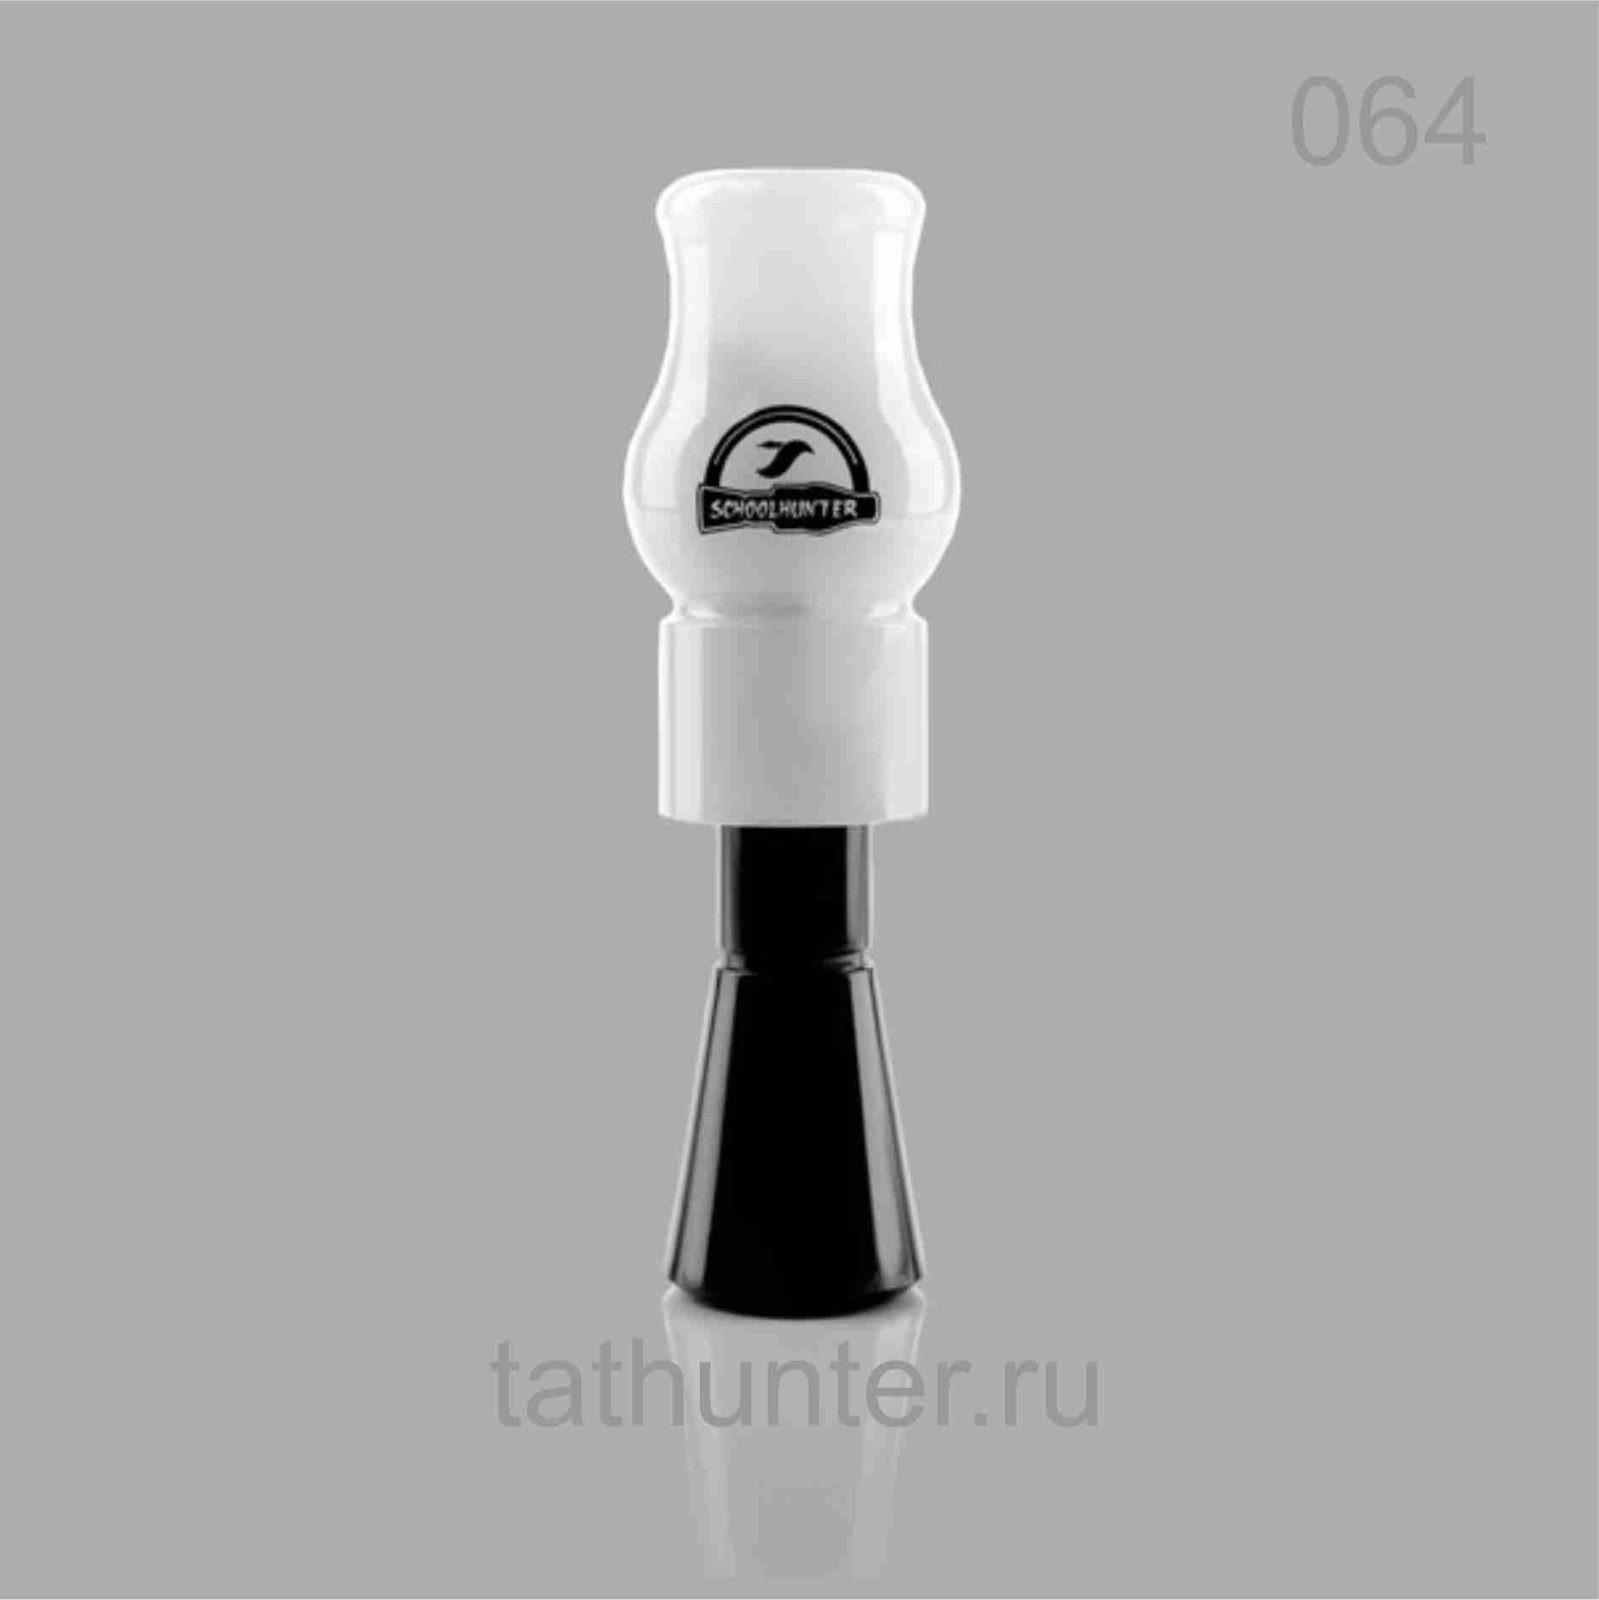 Манок двухязычковый на утку серия Hunter цвет 064